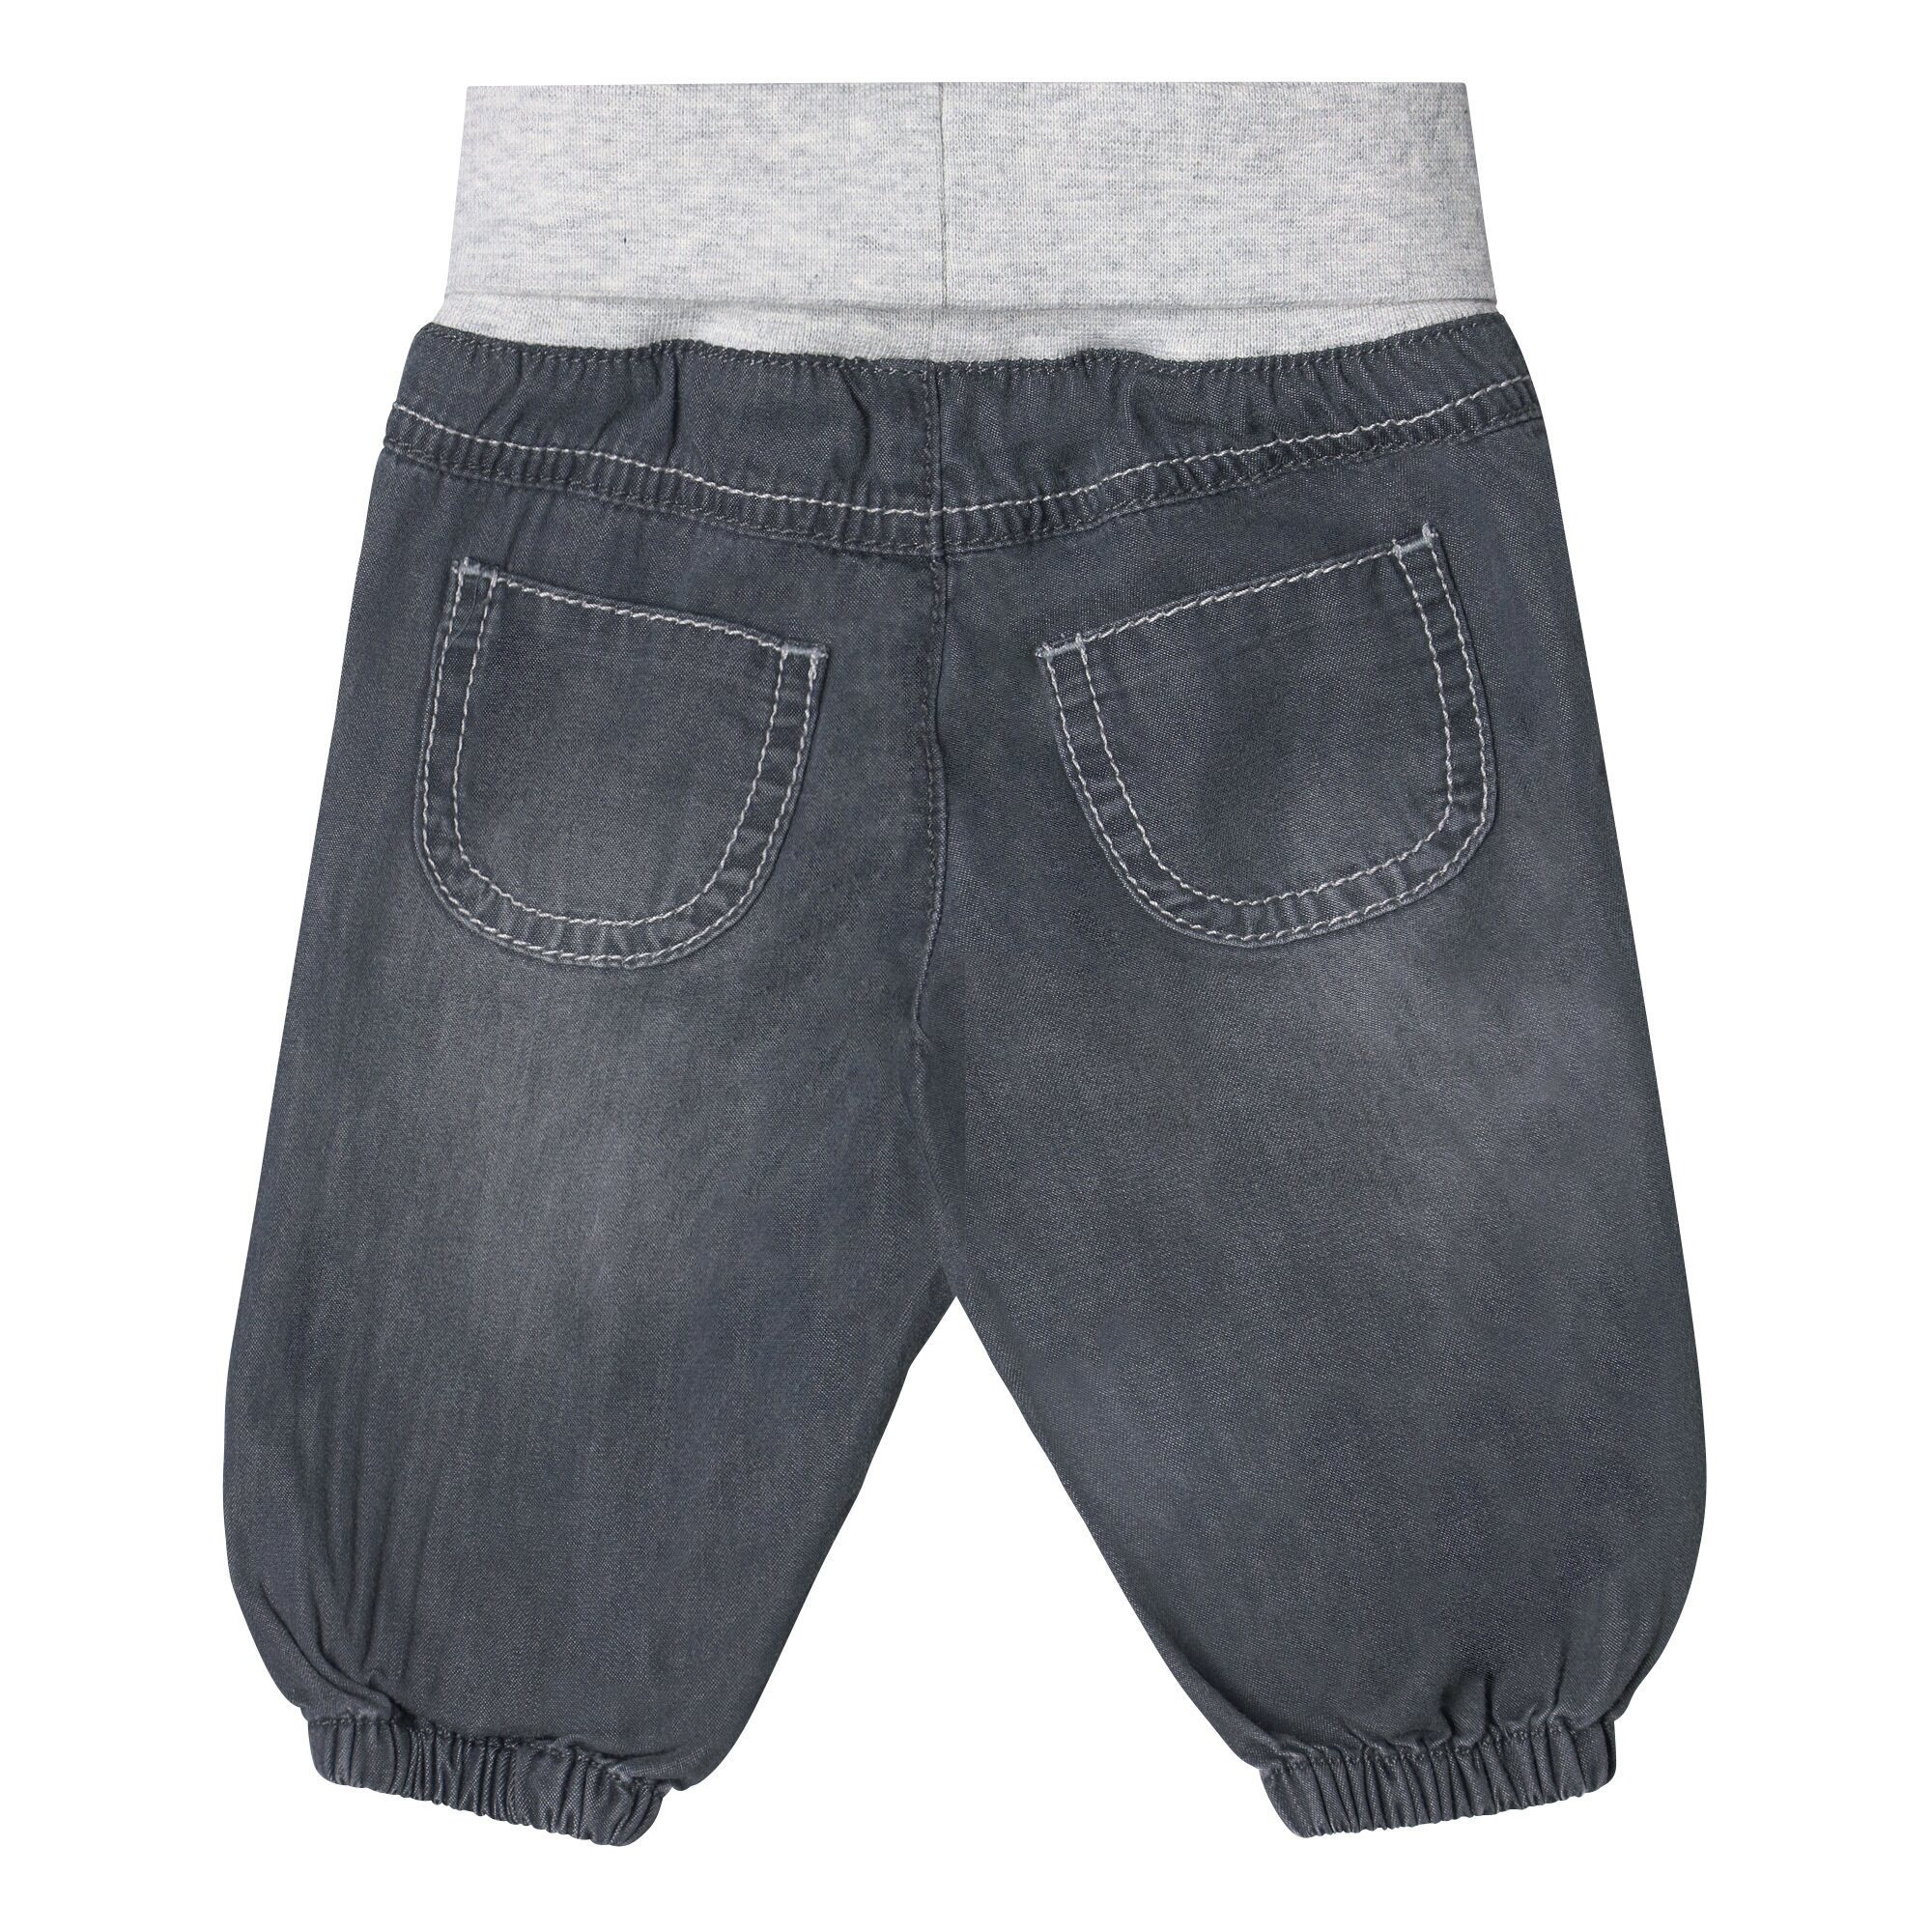 esprit-jeans-mit-bund